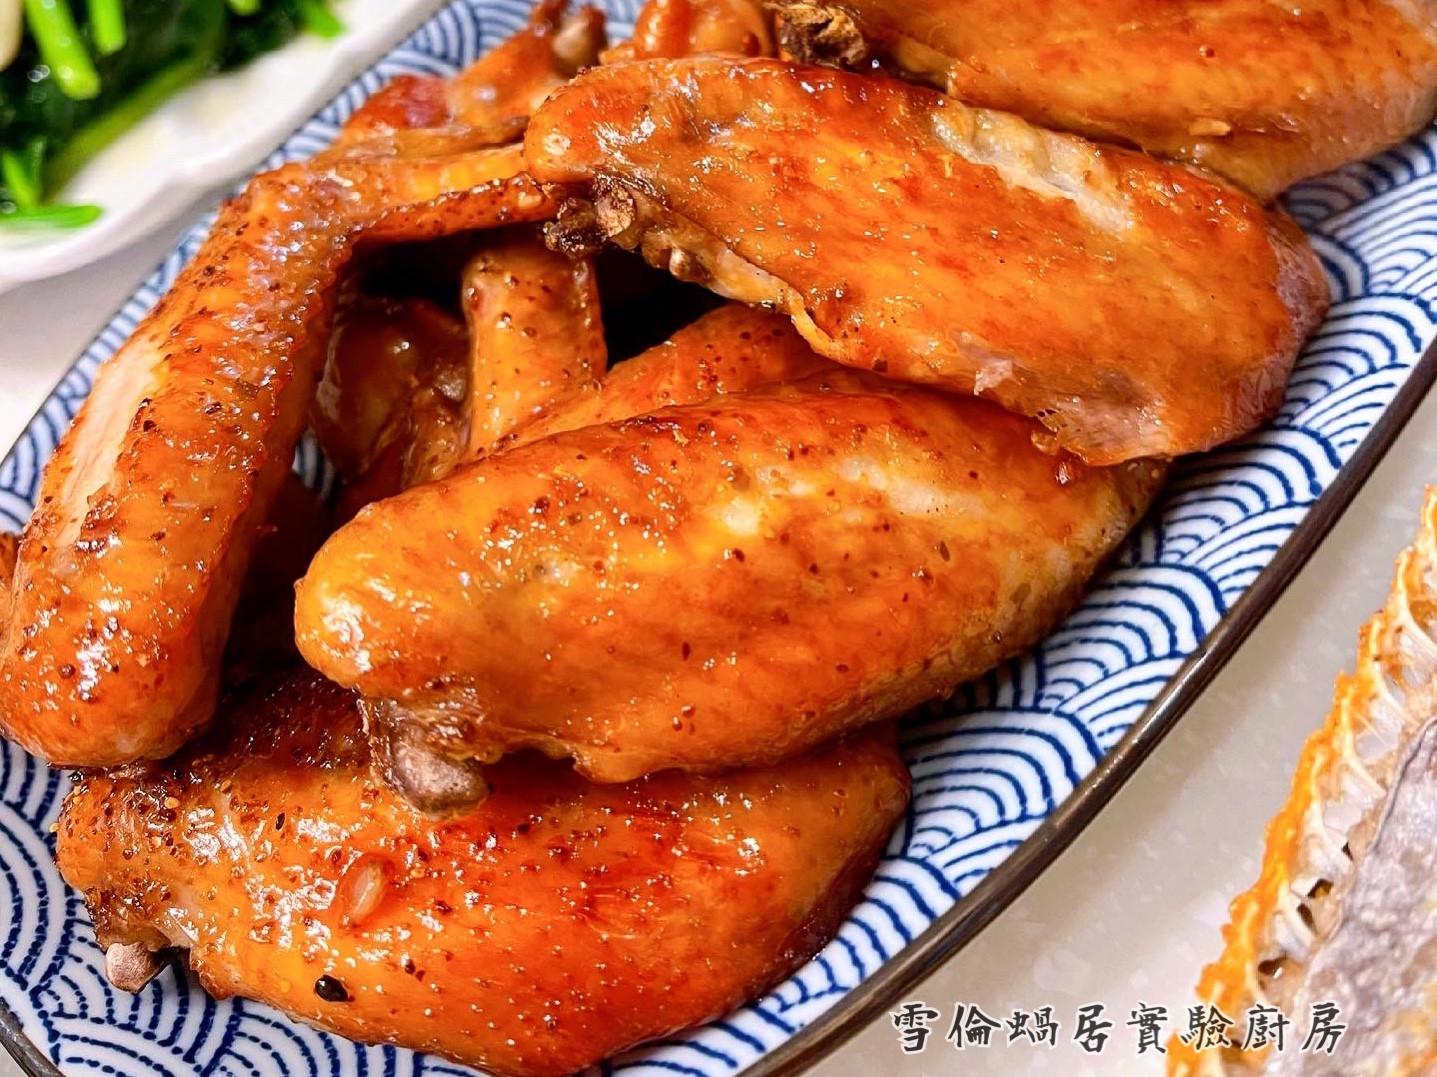 蒜味蜂蜜烤雞翅